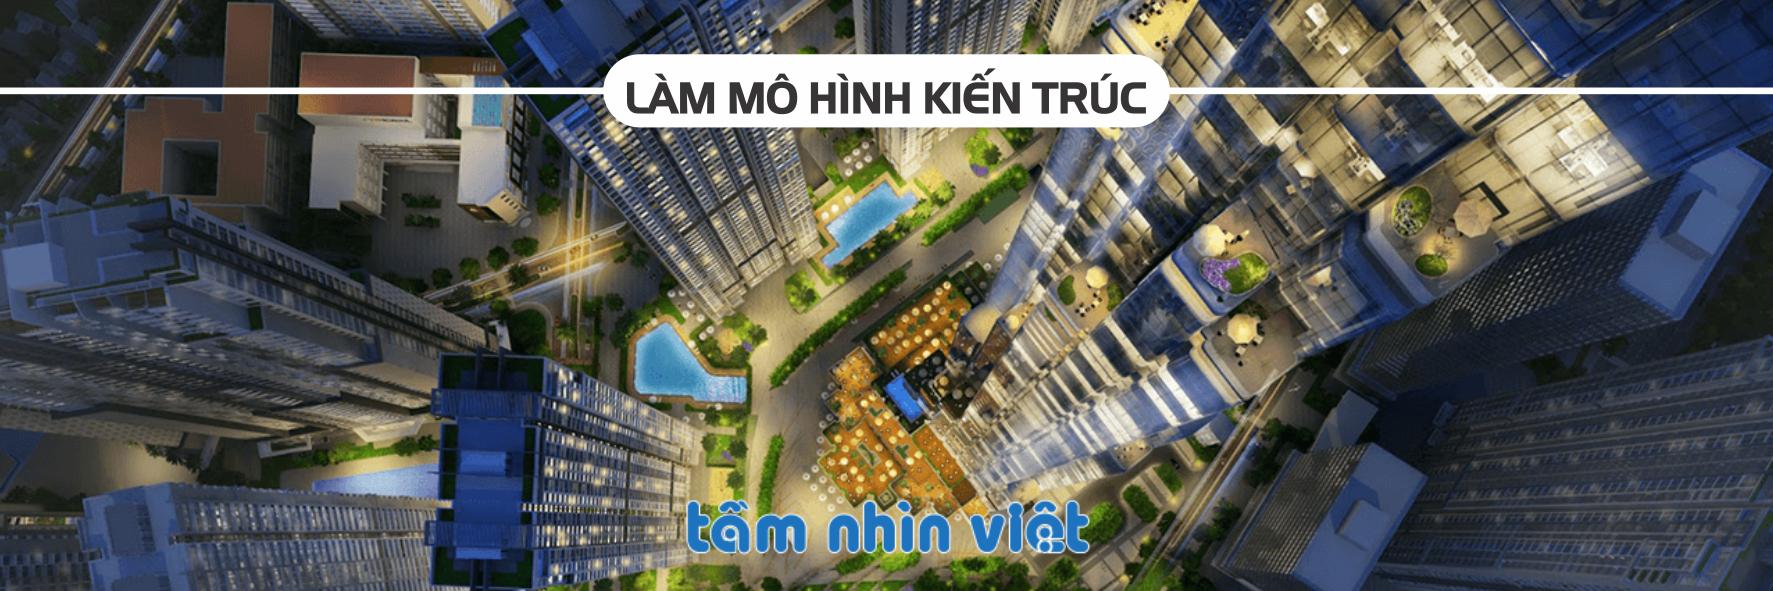 Làm mô hình kiến trúc – 028 6680 6003